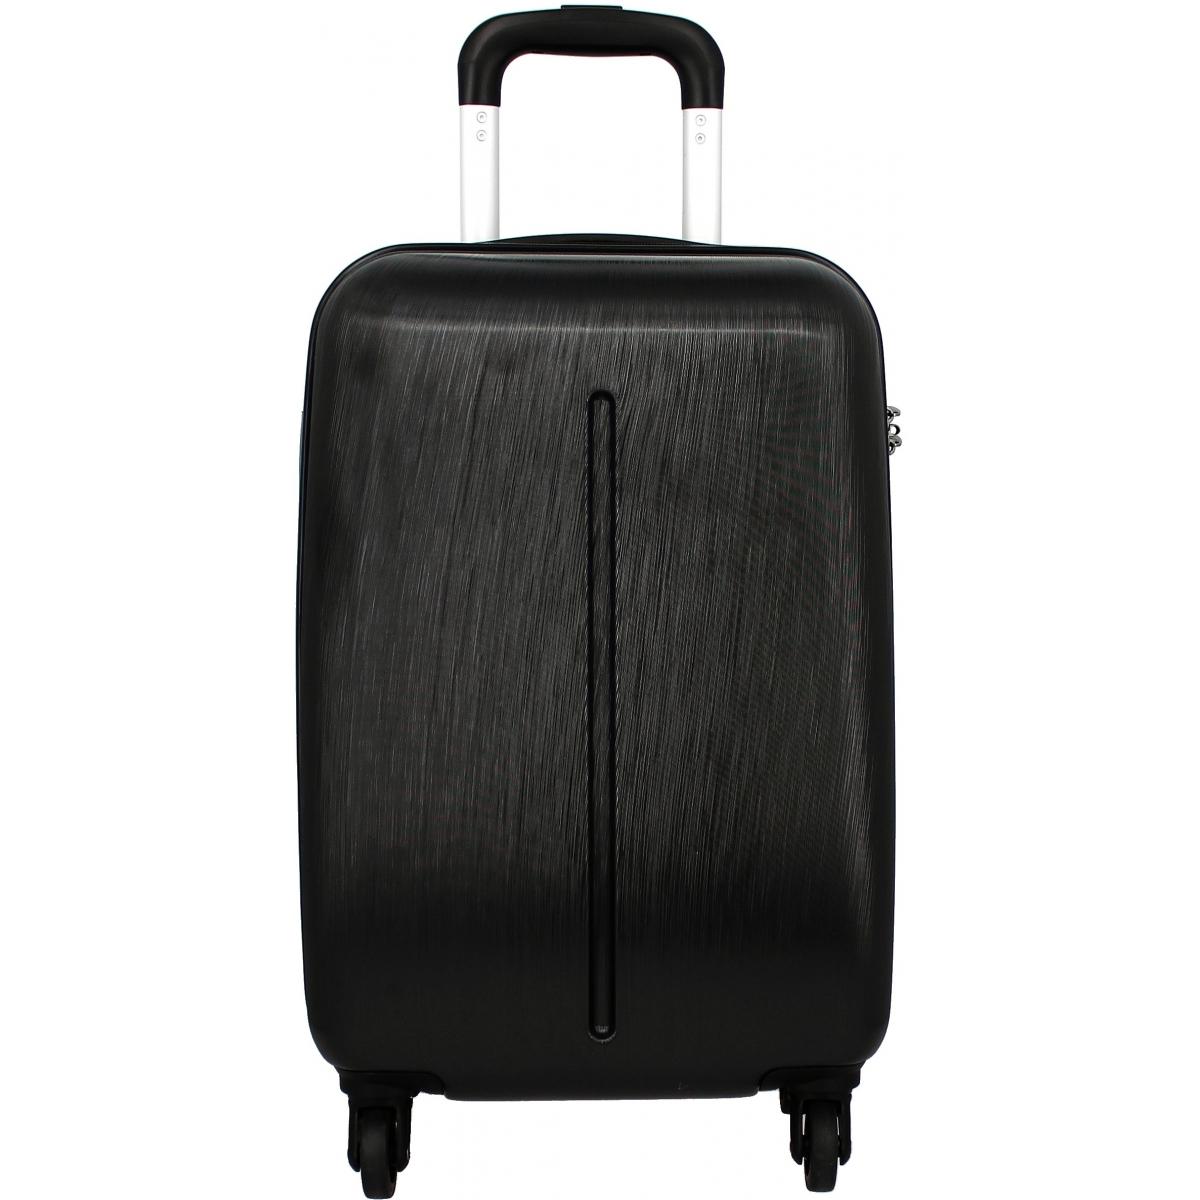 Valise cabine ryanair david jones 54 5 cm tsa ba10141p couleur principale noir solde - Valise cabine pas cher leclerc ...